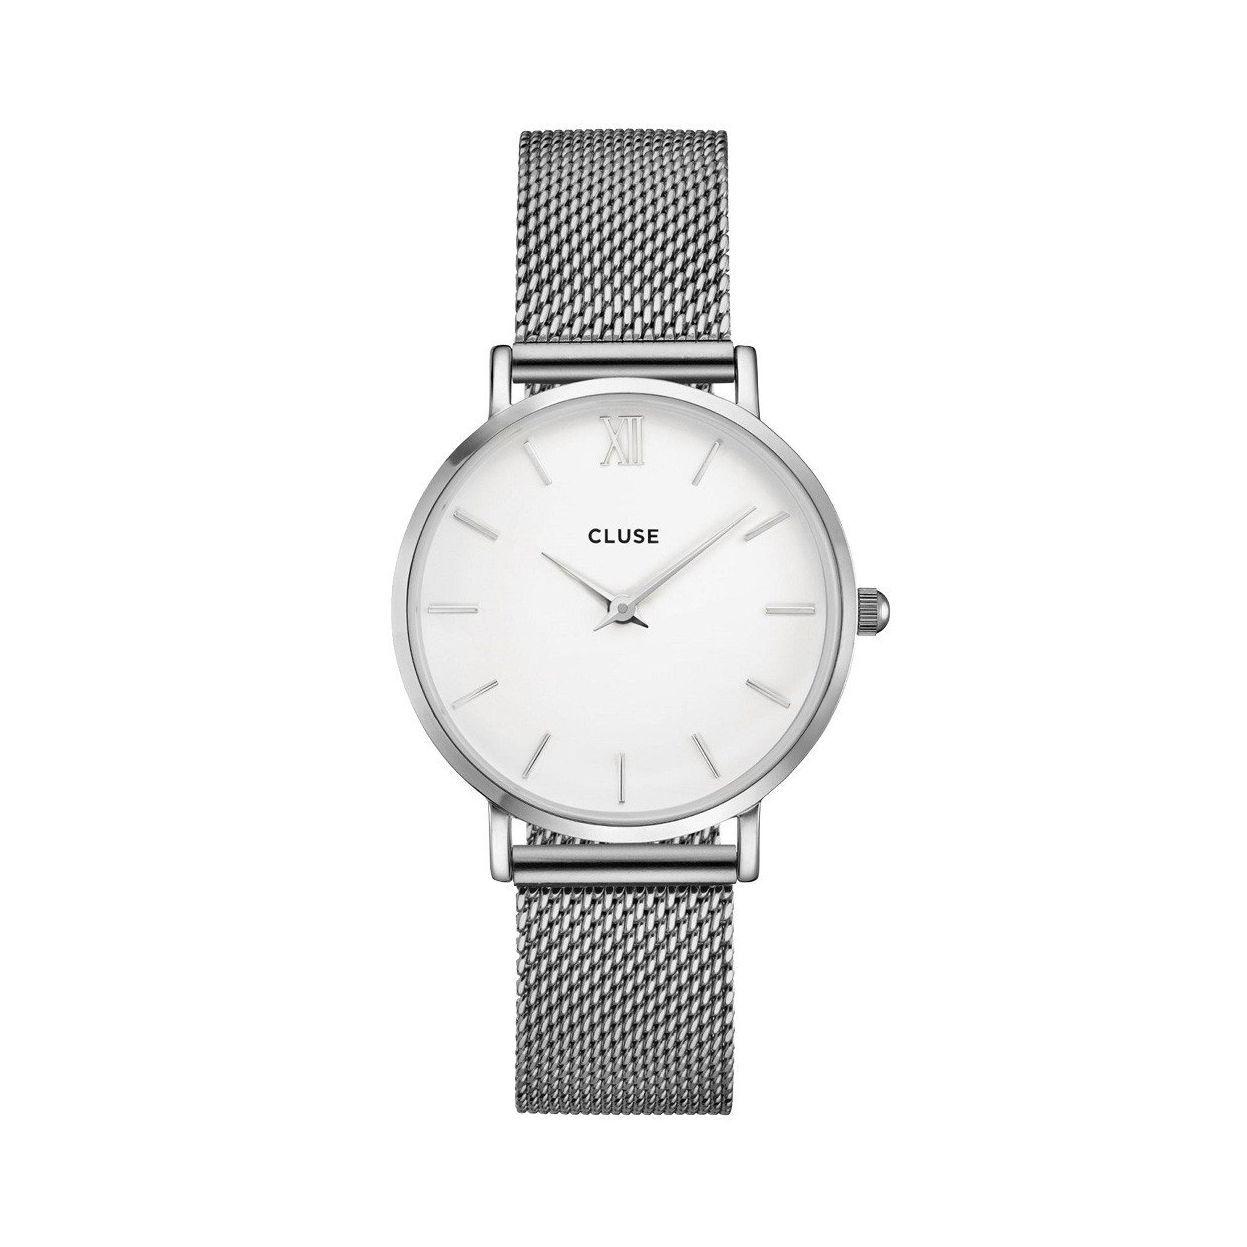 Montre Cluse Minuit Mesh Silver/White vue 1